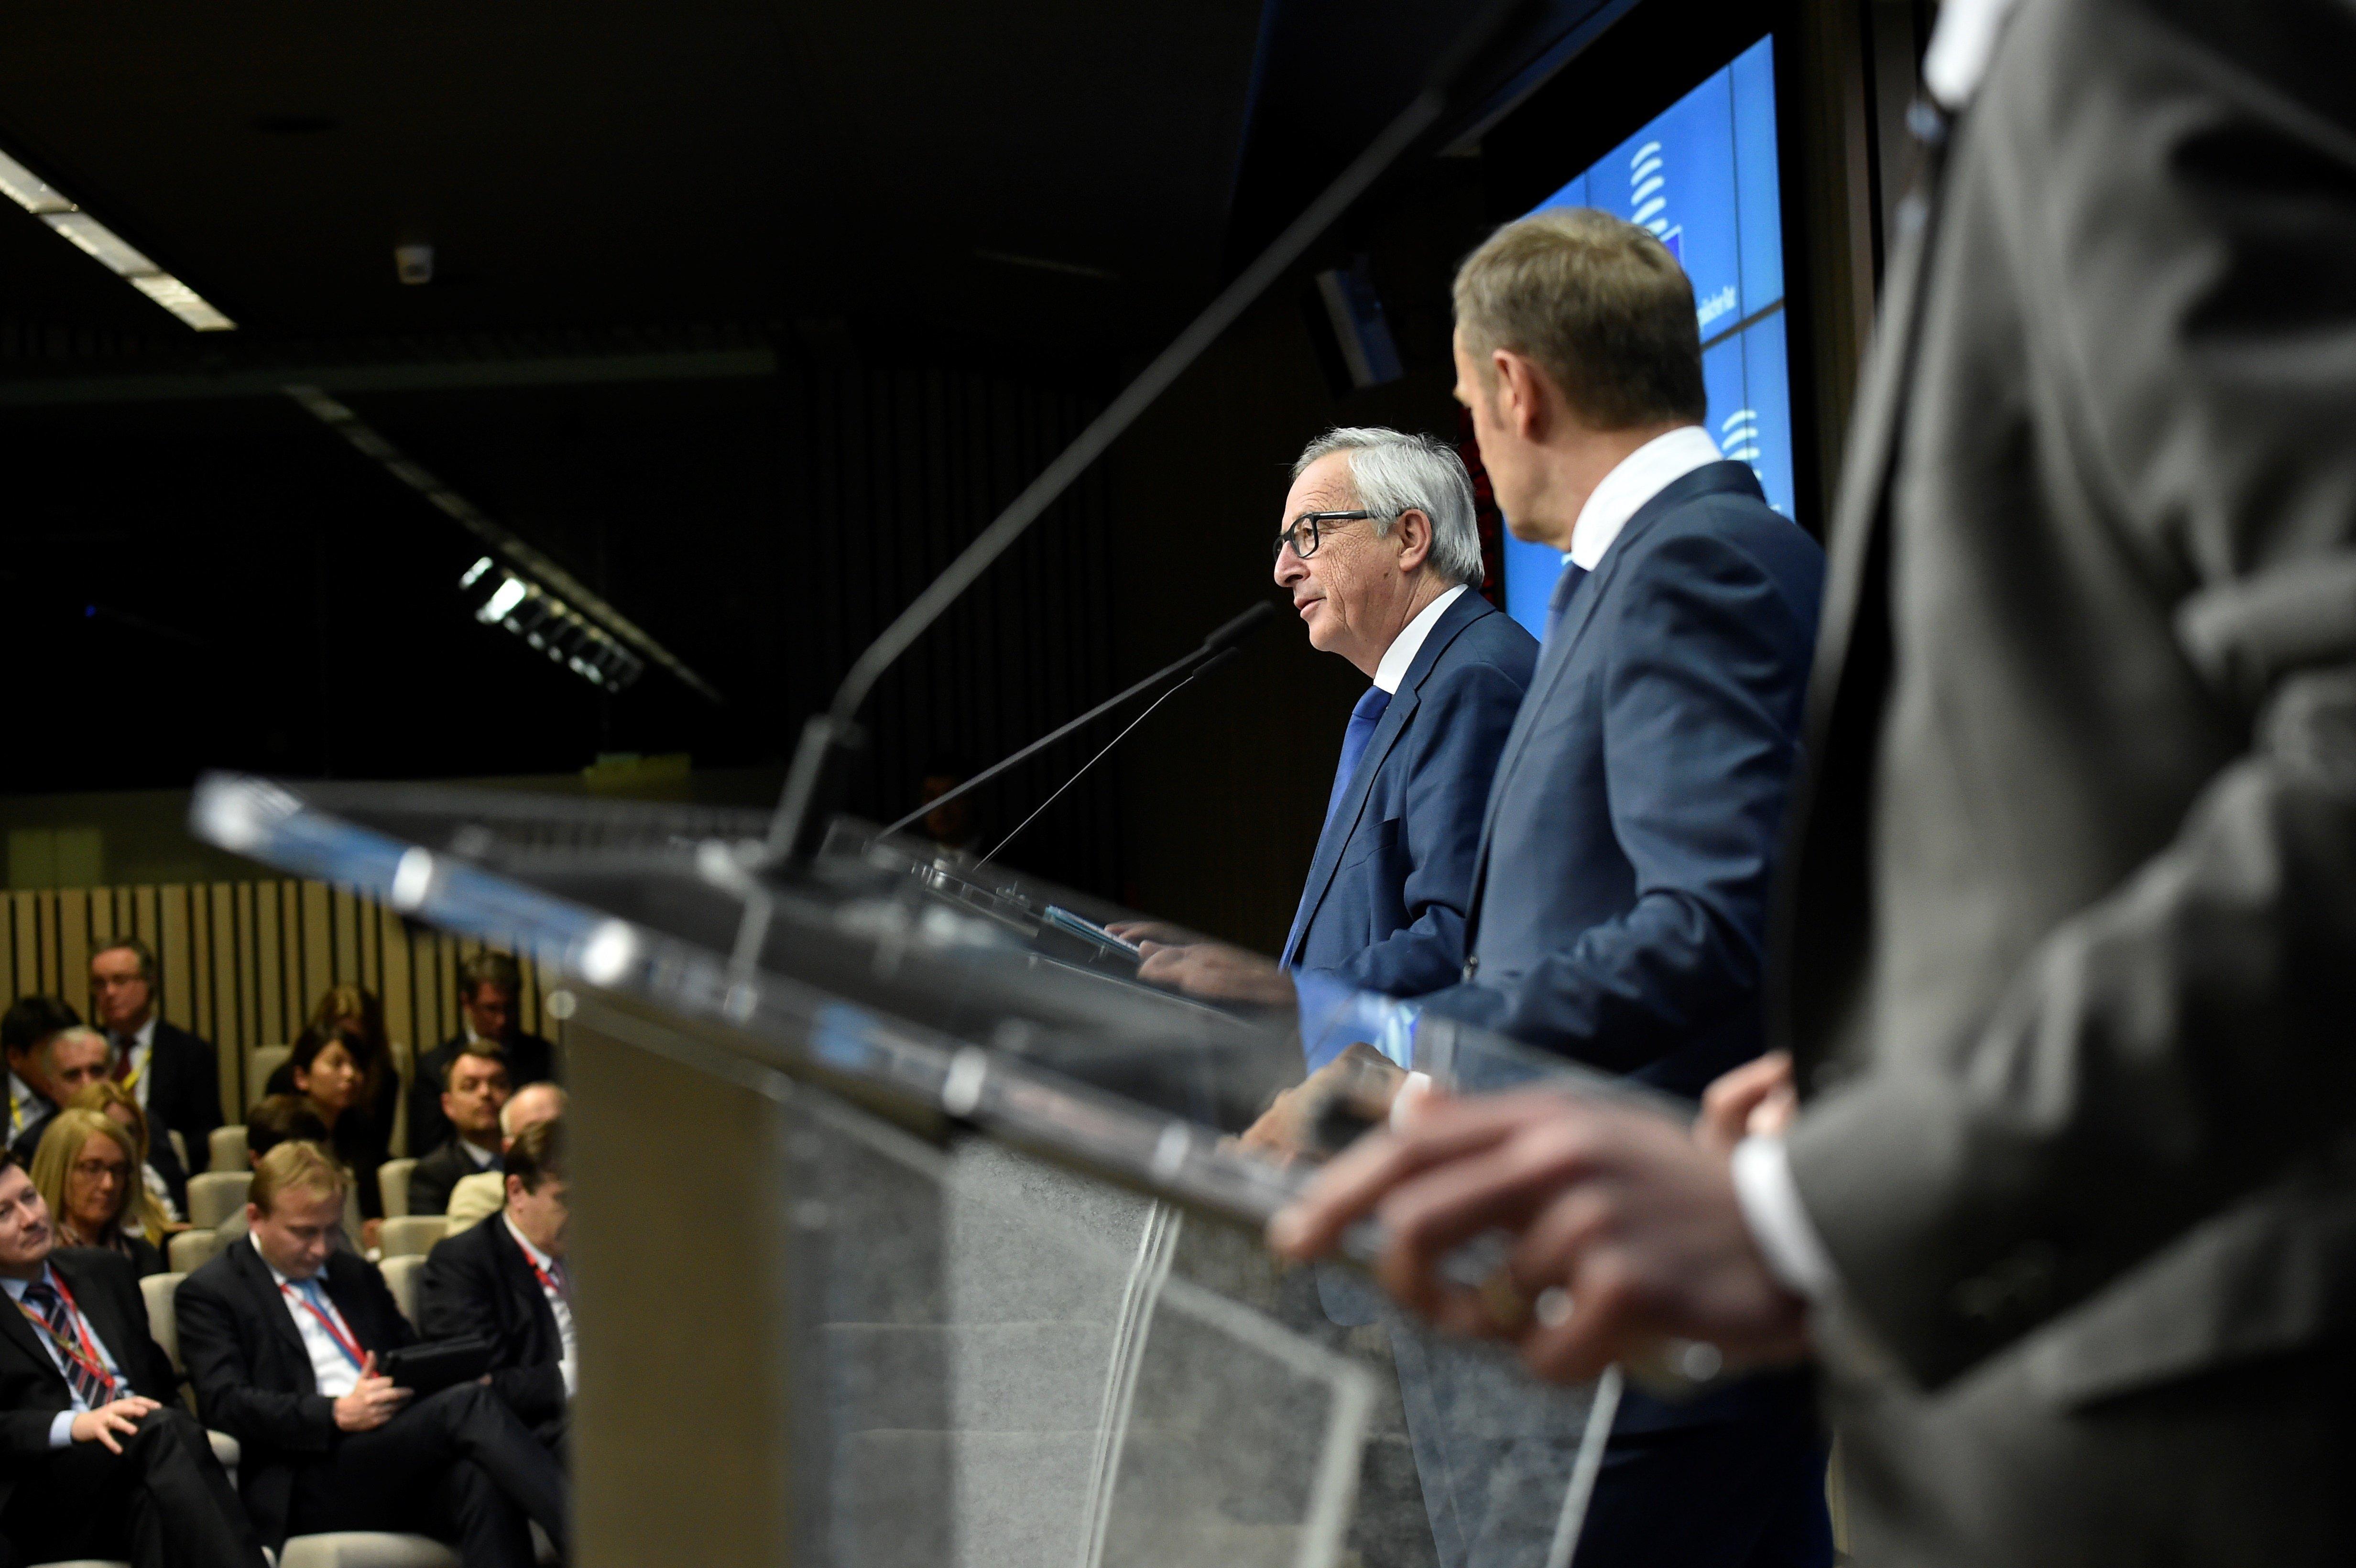 Τουσκ και Γιούνκερ εκτιμούν ότι η συνάντηση με τον Ερντογάν στη Βάρνα «δεν θα είναι